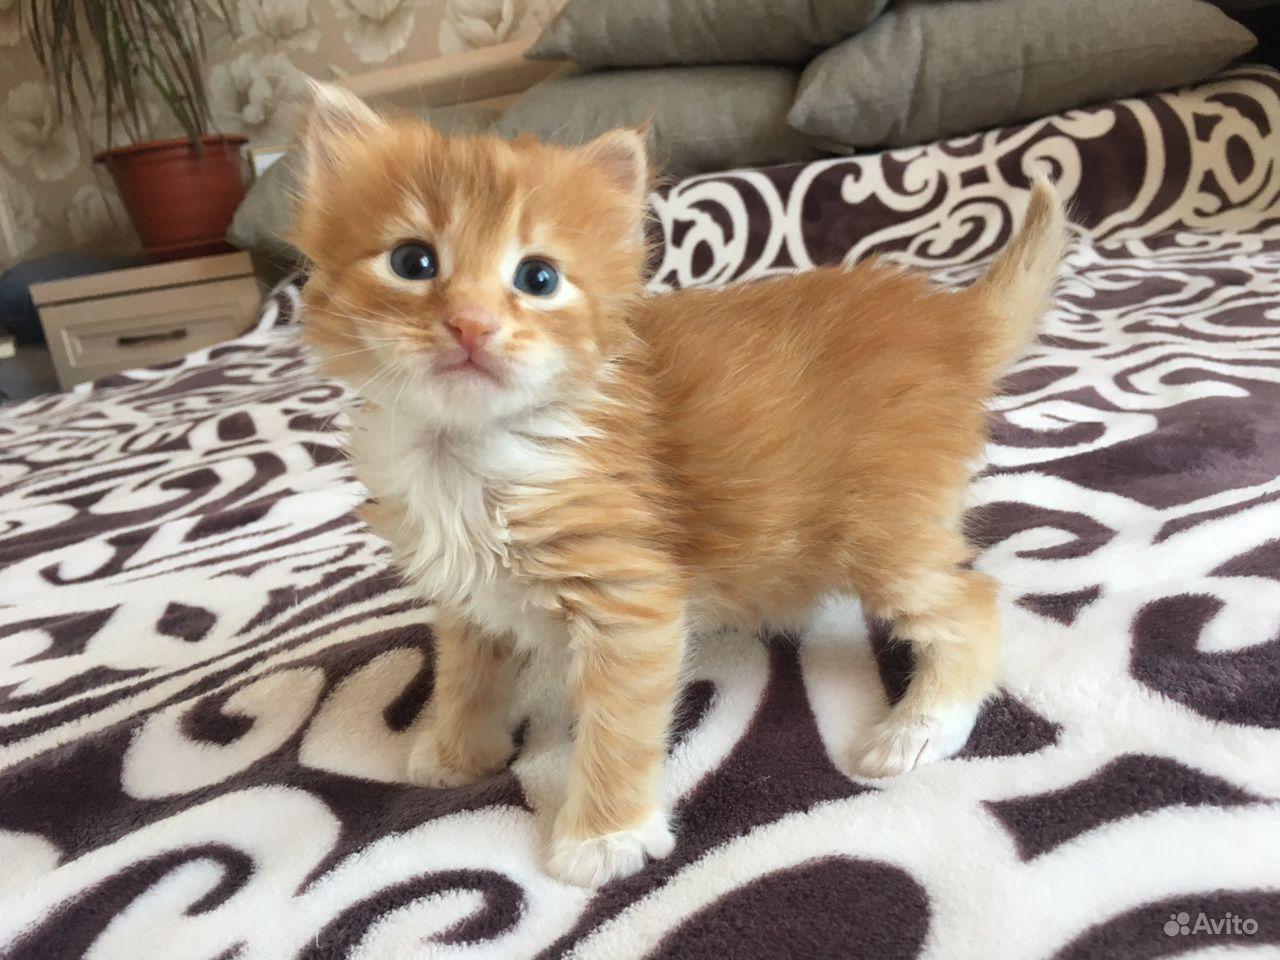 Котёнок, мальчик, 1 месяц, отдадим в добрые руки